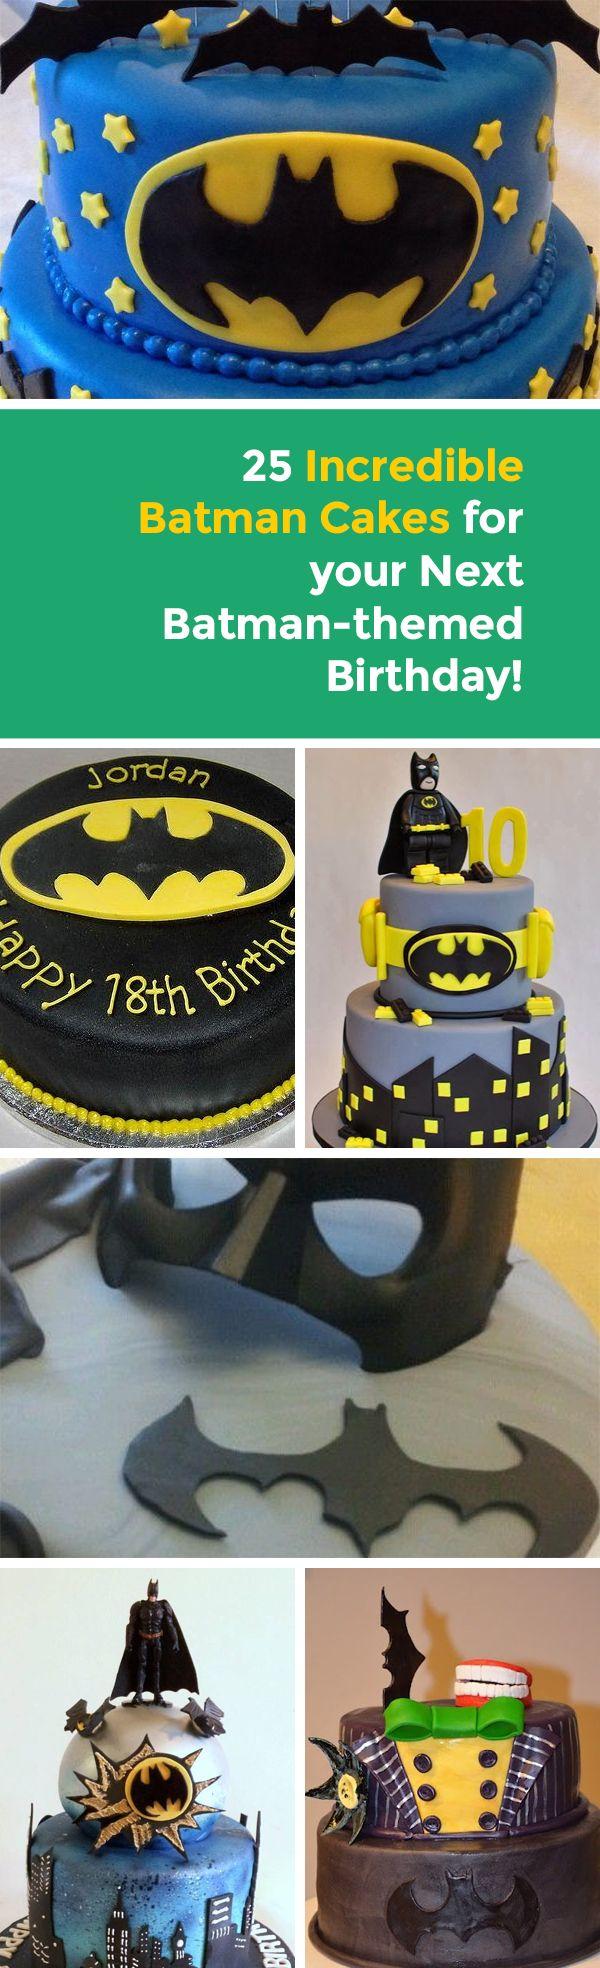 questa la voglio. è una torta di maschietti.